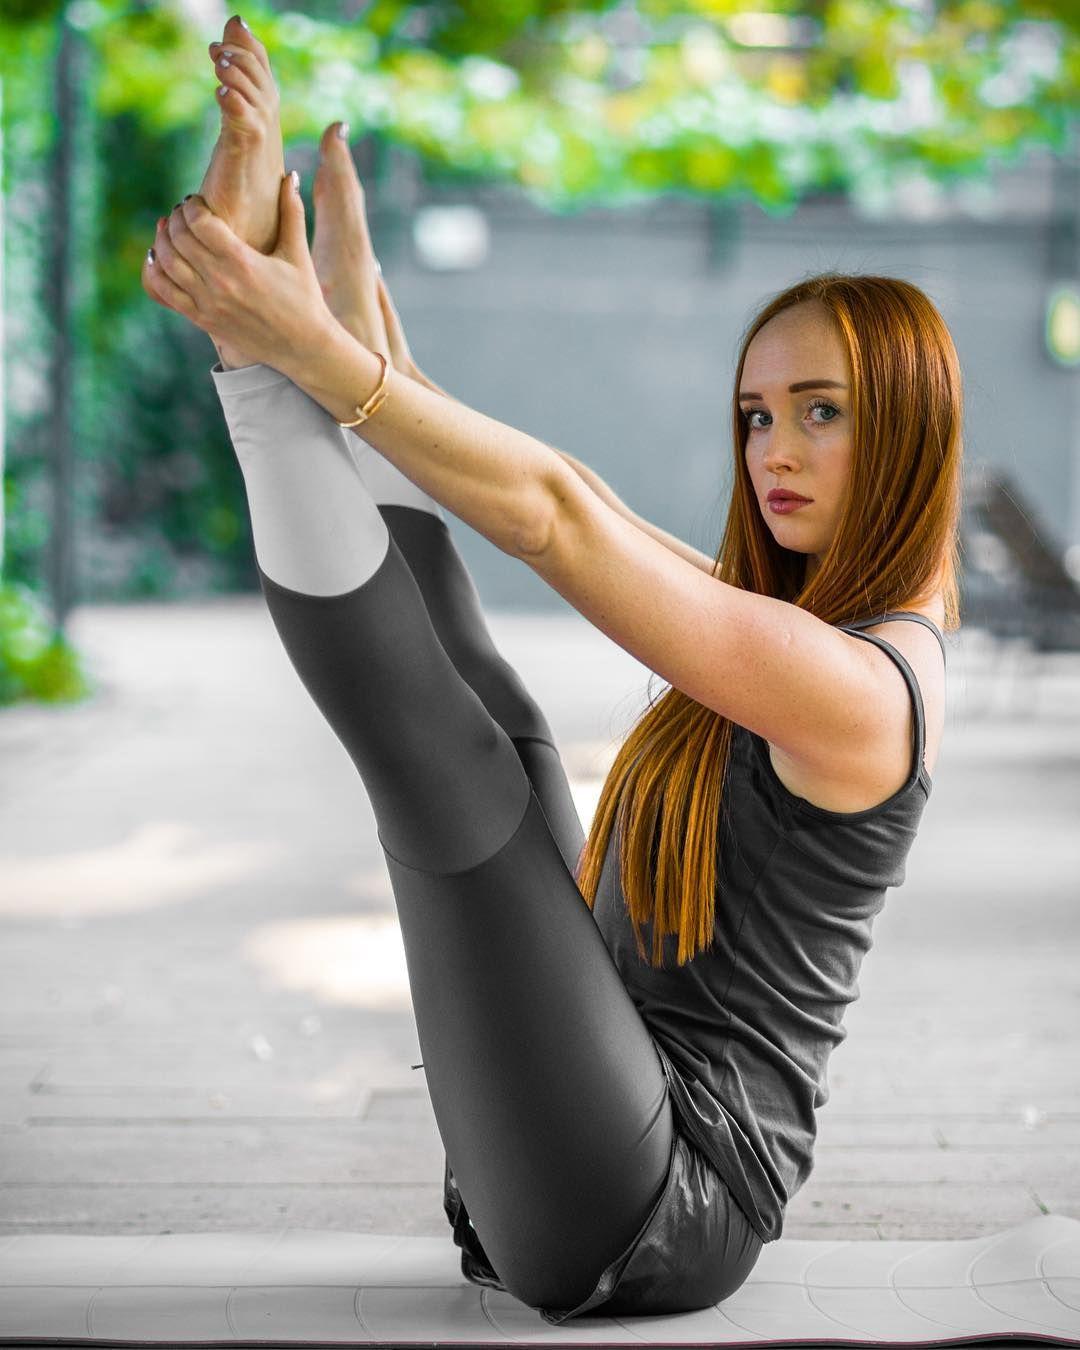 📸 ᴍᴏᴅᴇʟ: ᴀʟᴇᴋsᴀɴᴅʀᴀ ʏᴜғᴇʀᴇᴠᴀ ᴘʜᴏᴛᴏɢʀᴀᴘʜᴇʀ: @vlknbrt  #model #pilates #yoga #fit #fitness #portrait #...